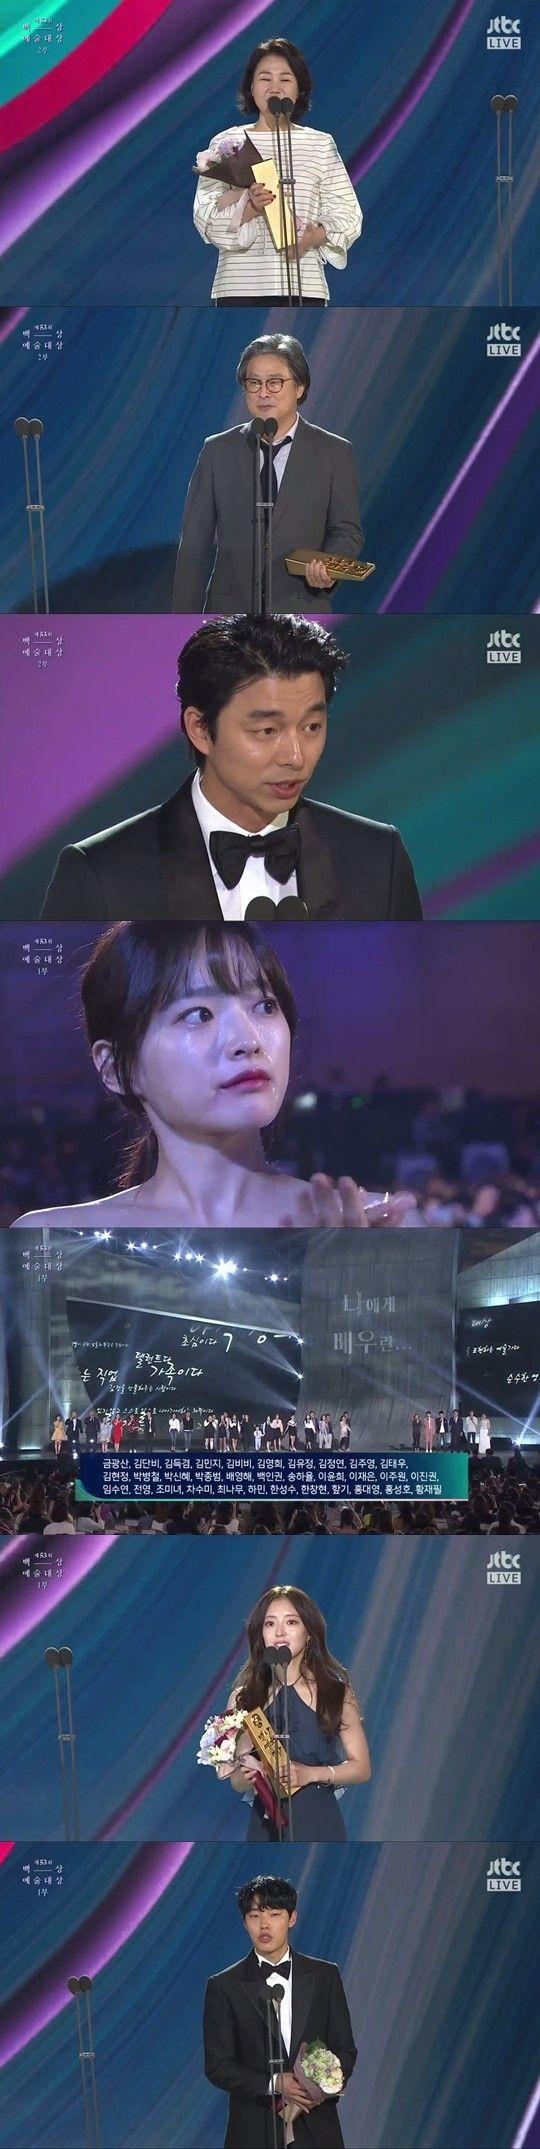 第53回百想芸術大賞が授与、受賞を超え深い意味を伝えた。昨日(3日)、ソウル市江南(カンナム) 区にあるCOEX Dホールから生放送された「第53回百想芸術大賞」では、「お嬢さん」を演出したパク・チ… - 韓流・韓国芸能ニュースはKstyle